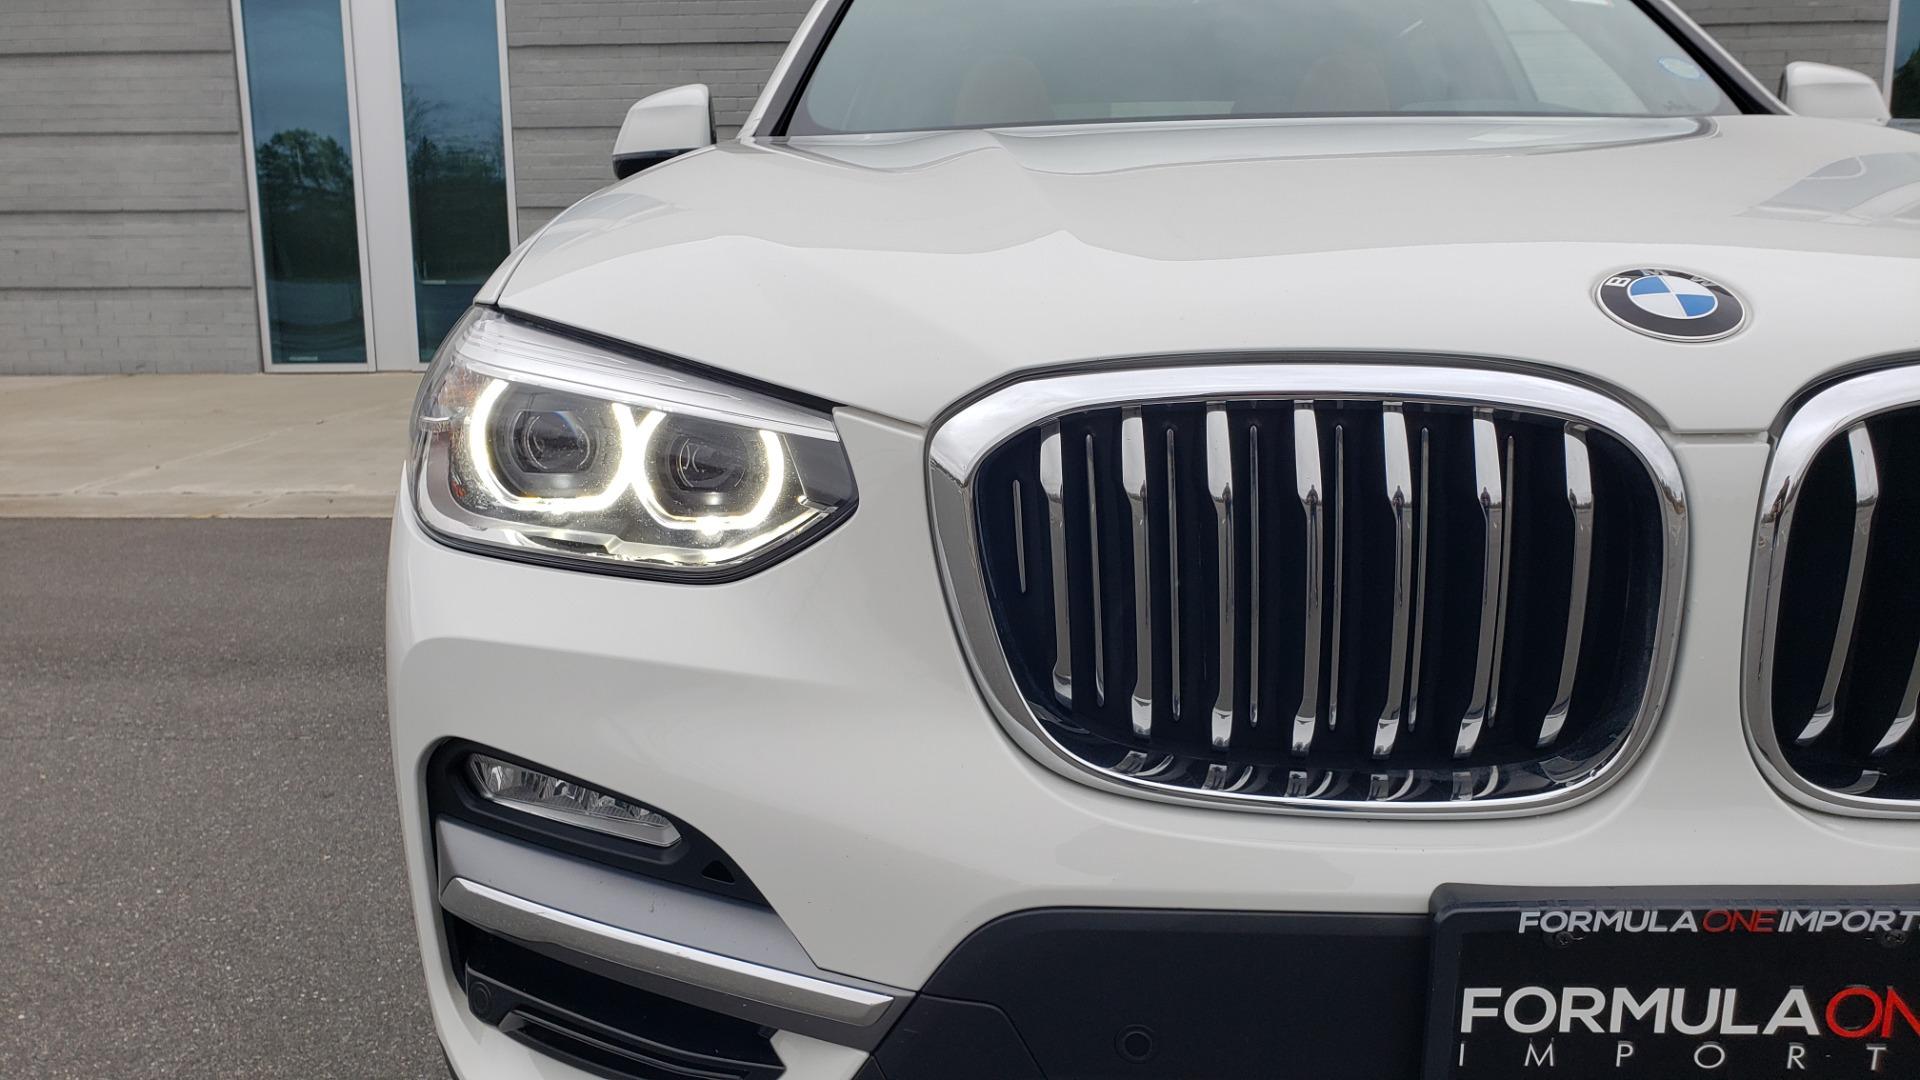 Used 2018 BMW X3 XDRIVE30I / LUX PKG / PREM PKG / CONV PKG / PDC / APPLE CARPLAY for sale Sold at Formula Imports in Charlotte NC 28227 23